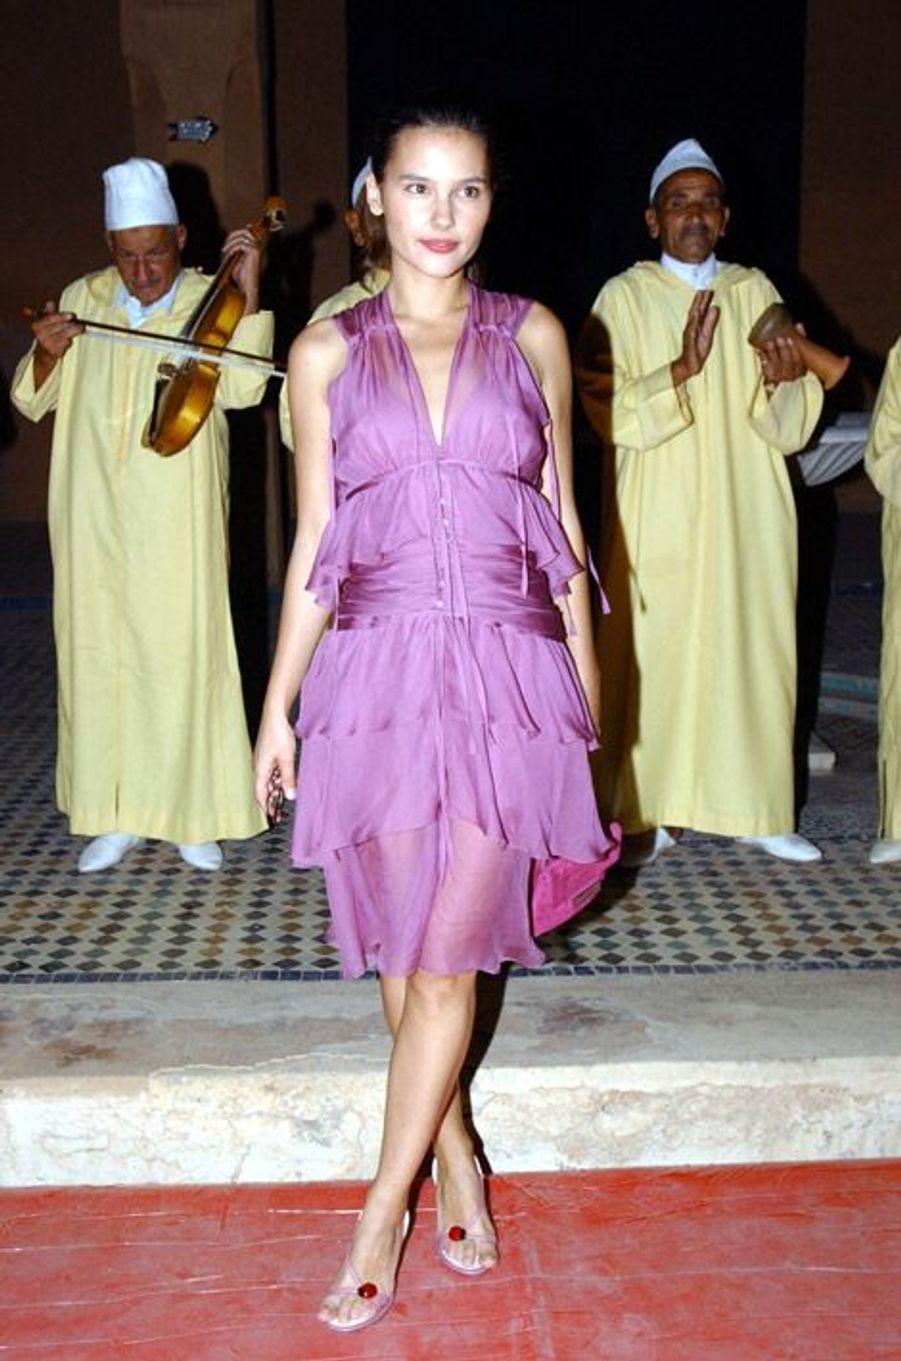 Estivale lors du festival de Marakech, en 2003